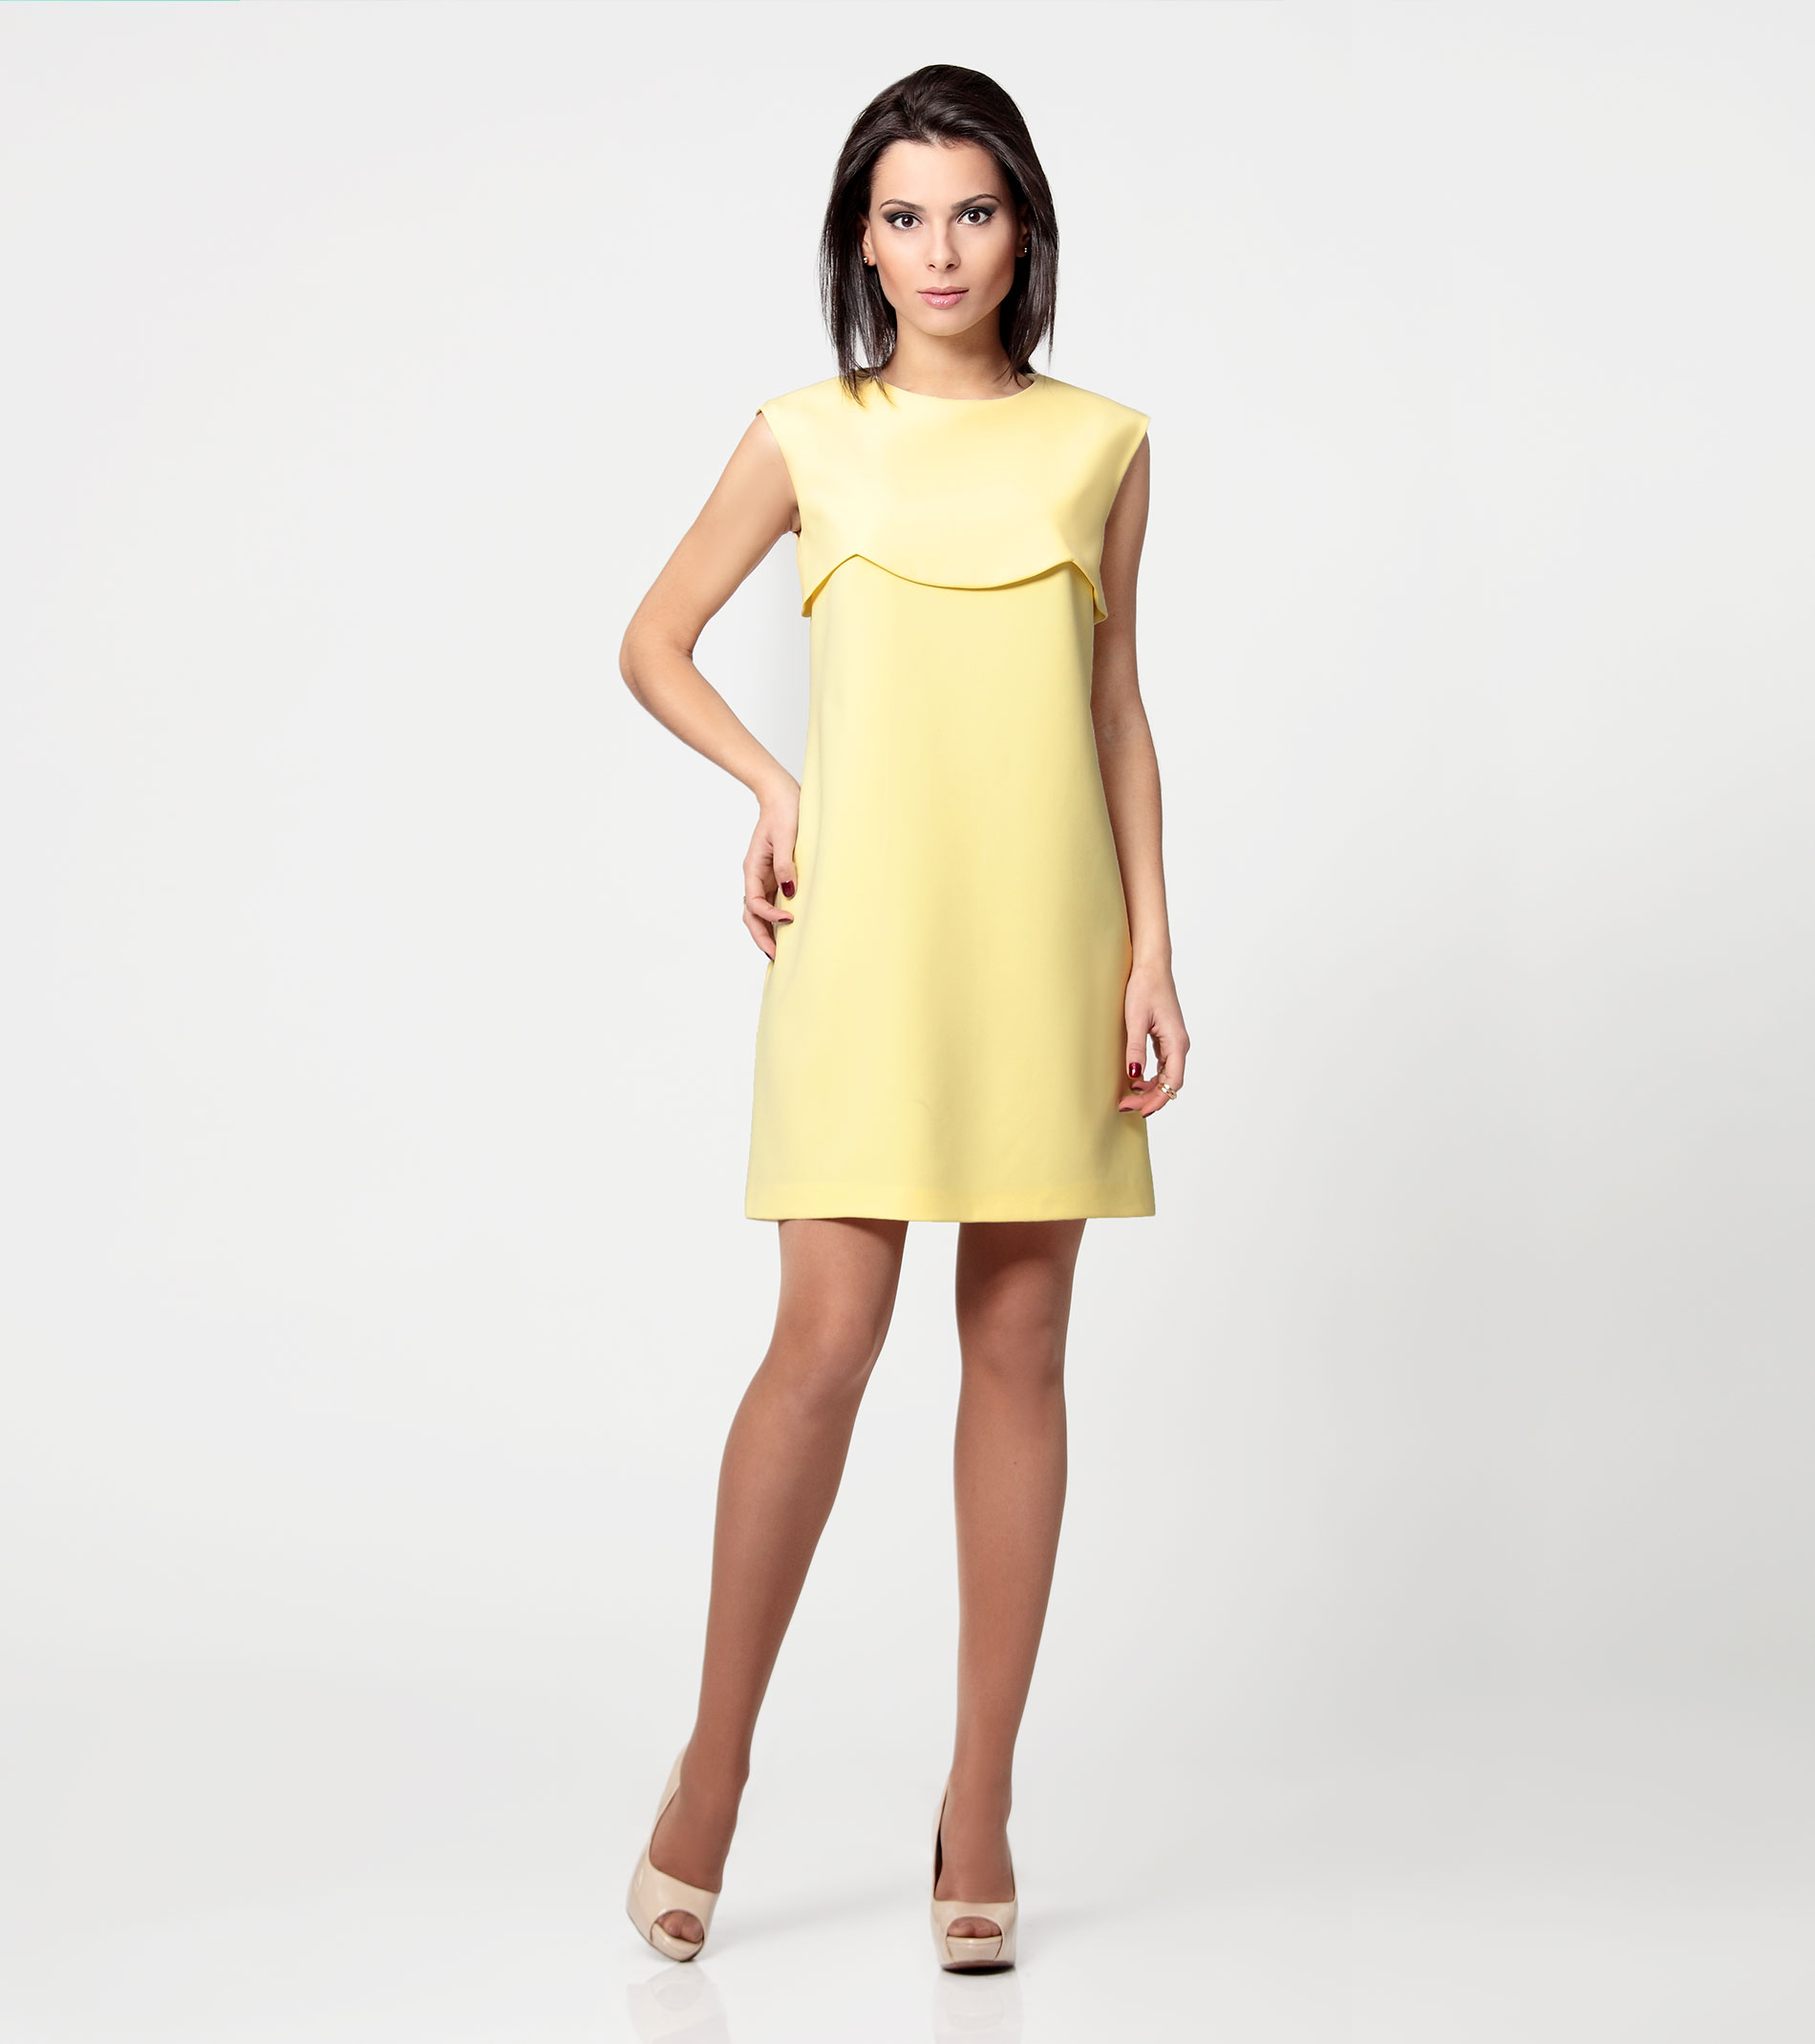 платье фото женские